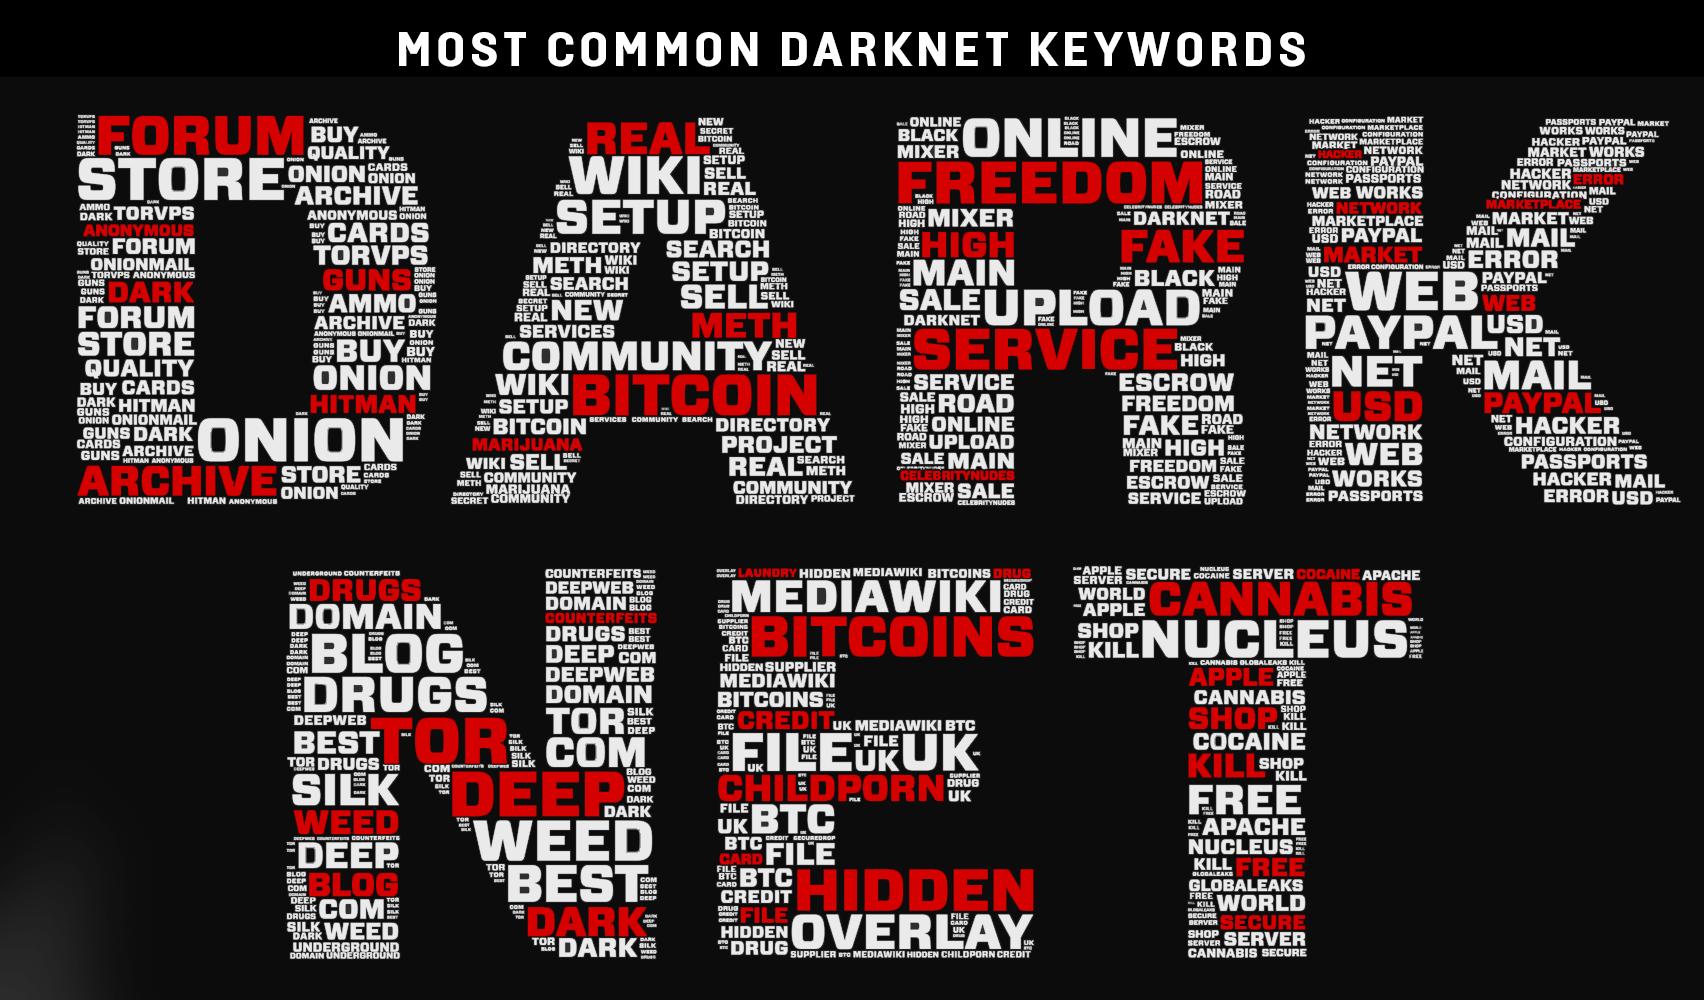 Darknet servers hyrda tor browser 2 скачать бесплатно русская версия hudra